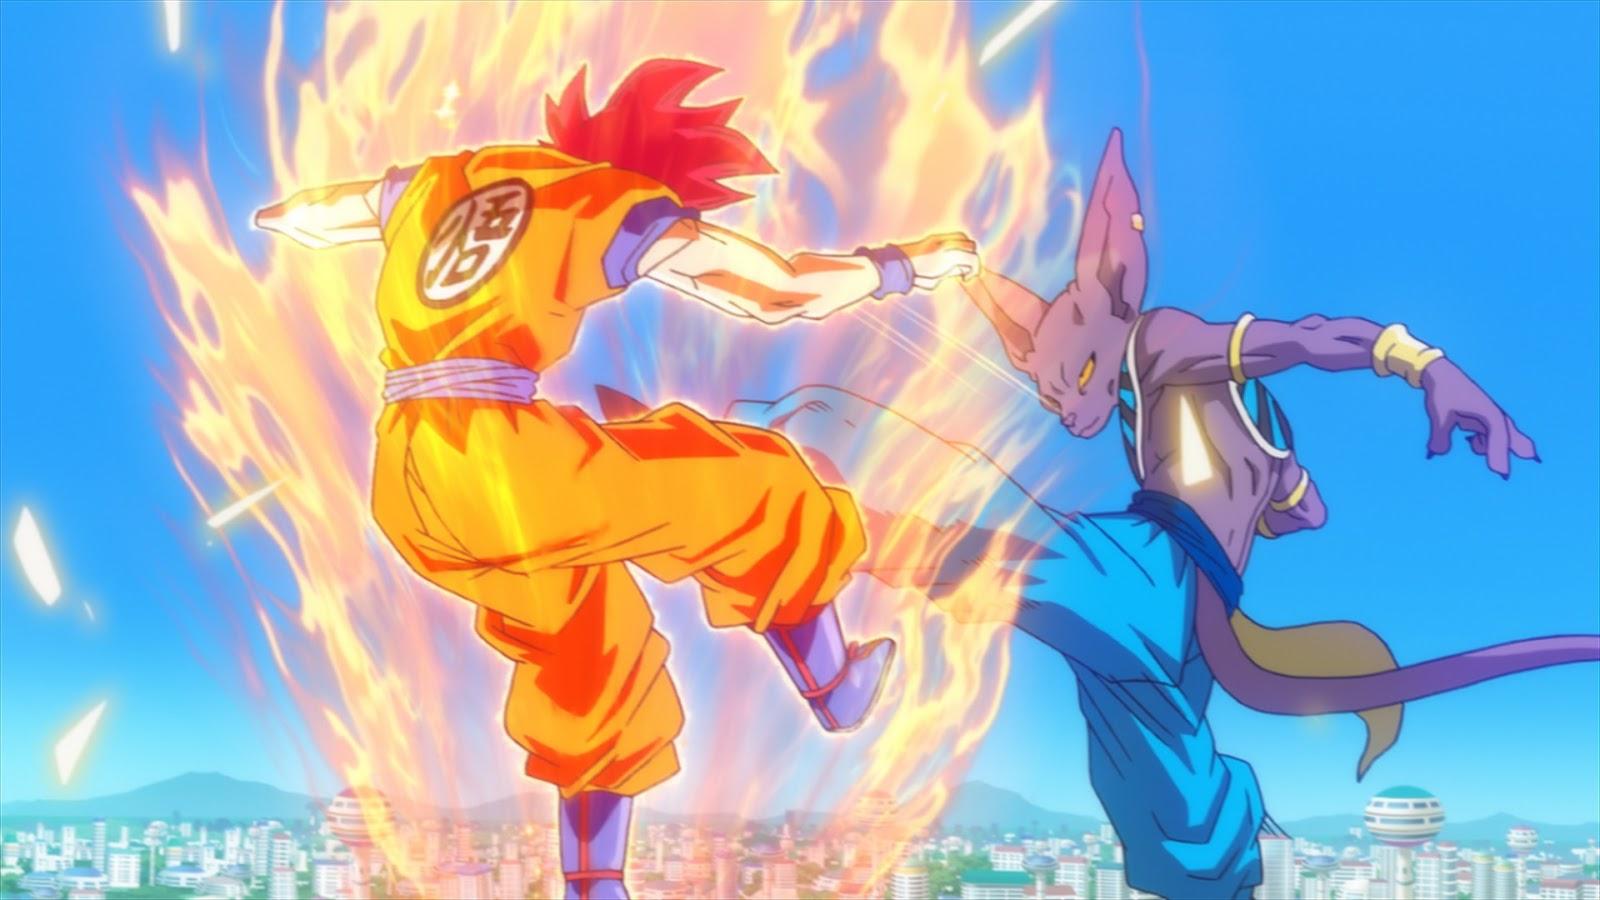 Dbz 1080p Wallpaper Best Dbz Quotes Papeis De Parede De Dragon Ball Super J Pp